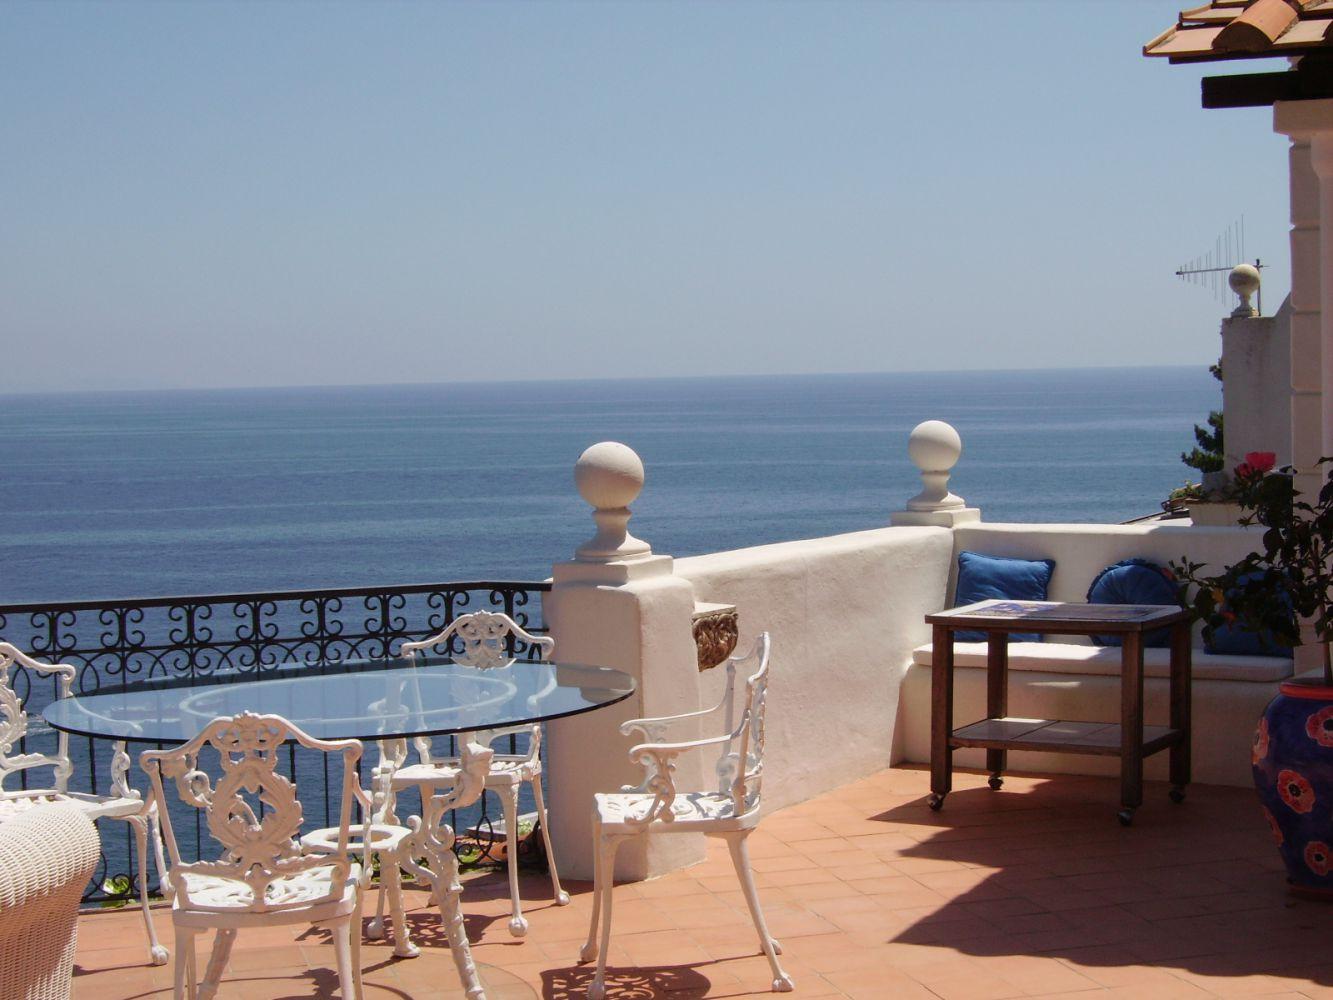 Location Vacances Cote Amalfitaine Villa De Luxe Avec